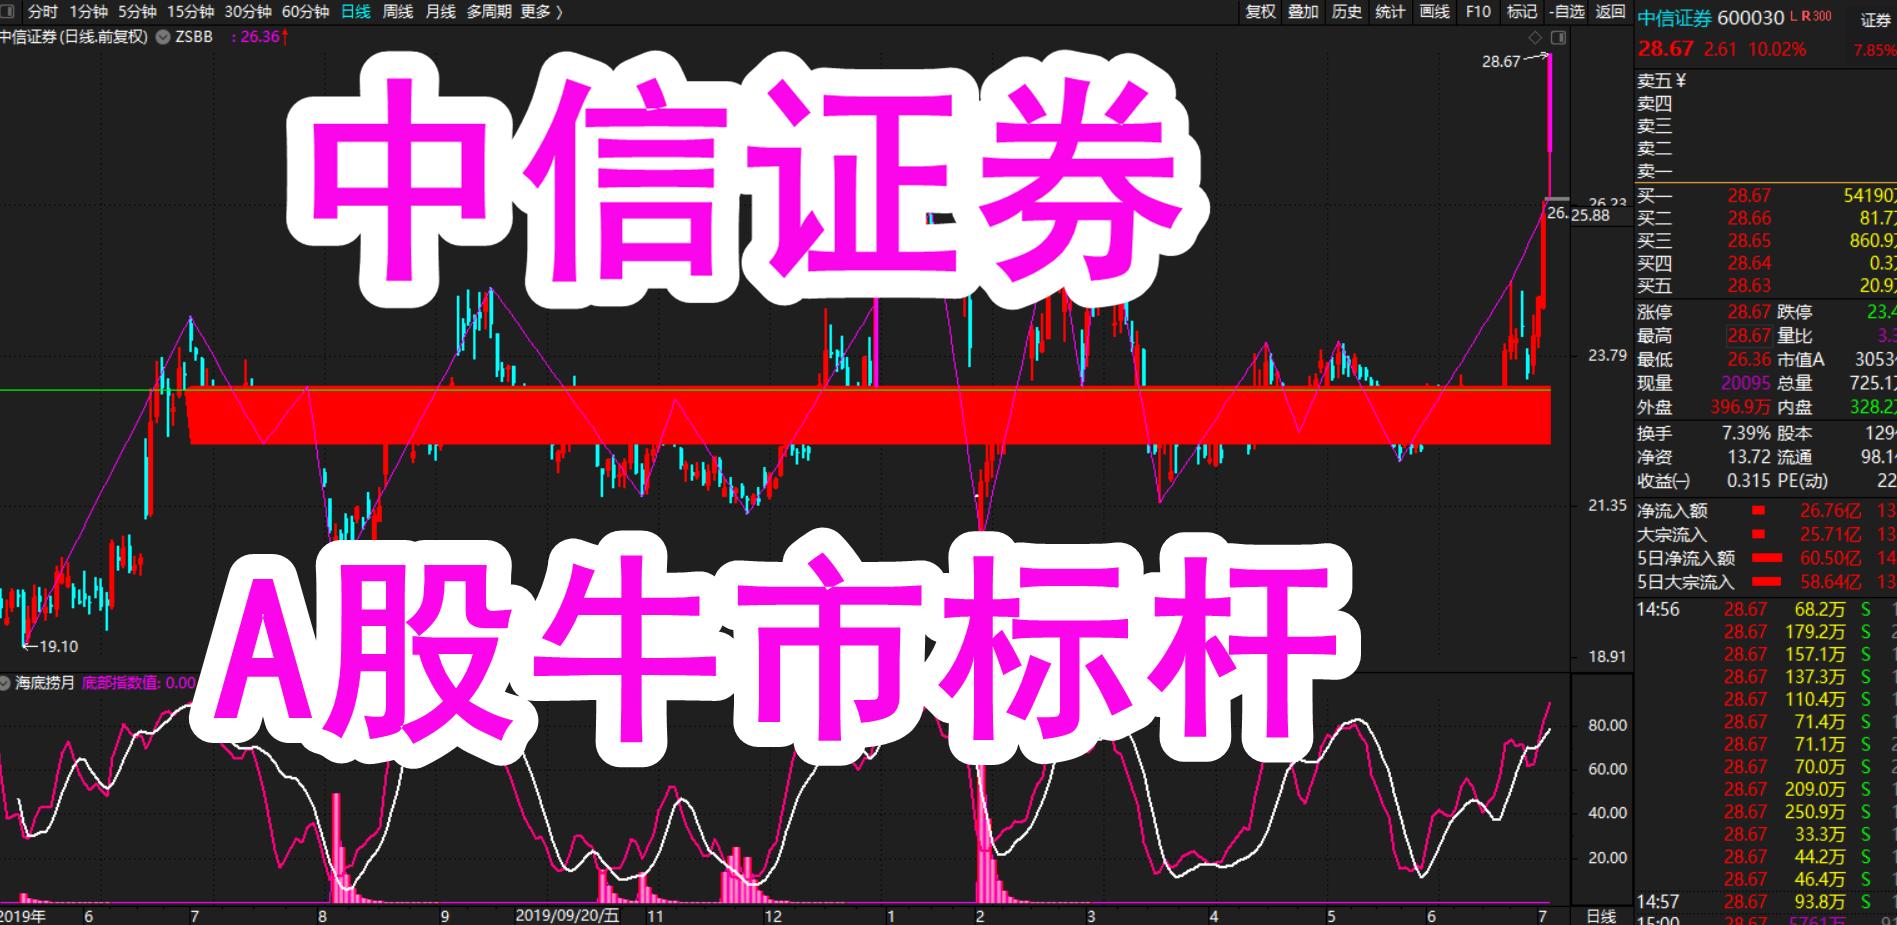 股市缠论:中信证券(600030)股票A股牛市的标杆!(7月3日)